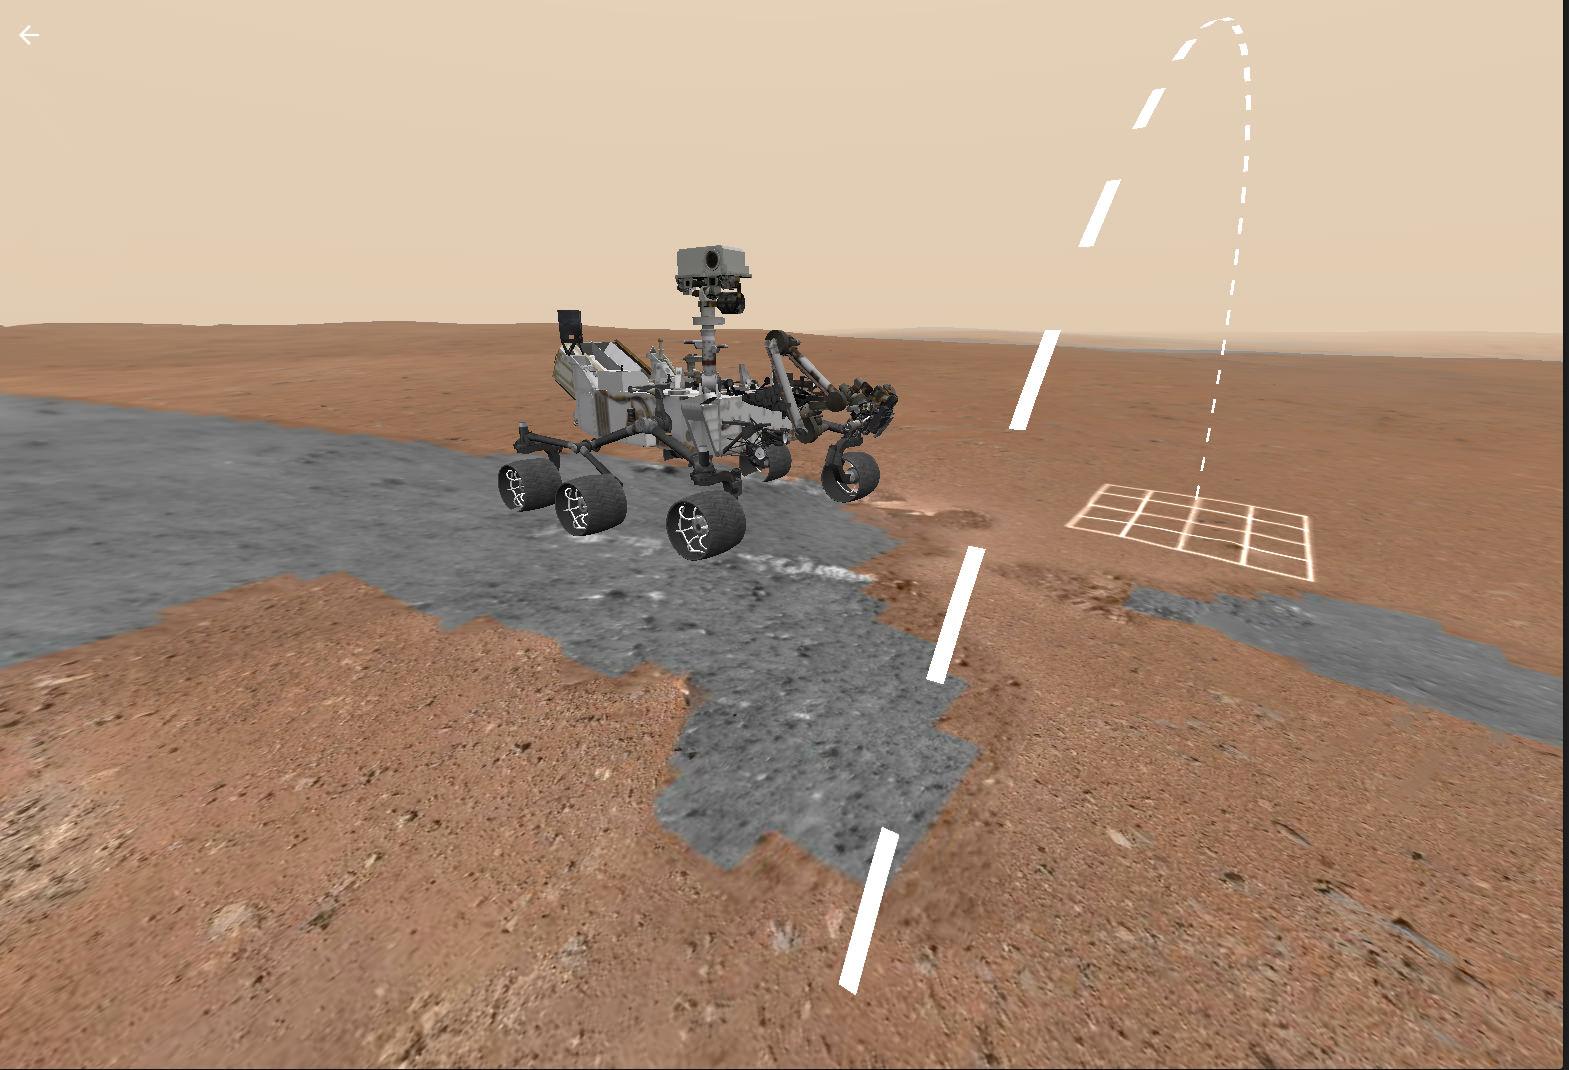 Access Mars предназначен для экскурсий ввиртуальной реальности, ивобычном браузере выглядит неслишком впечатляюще.